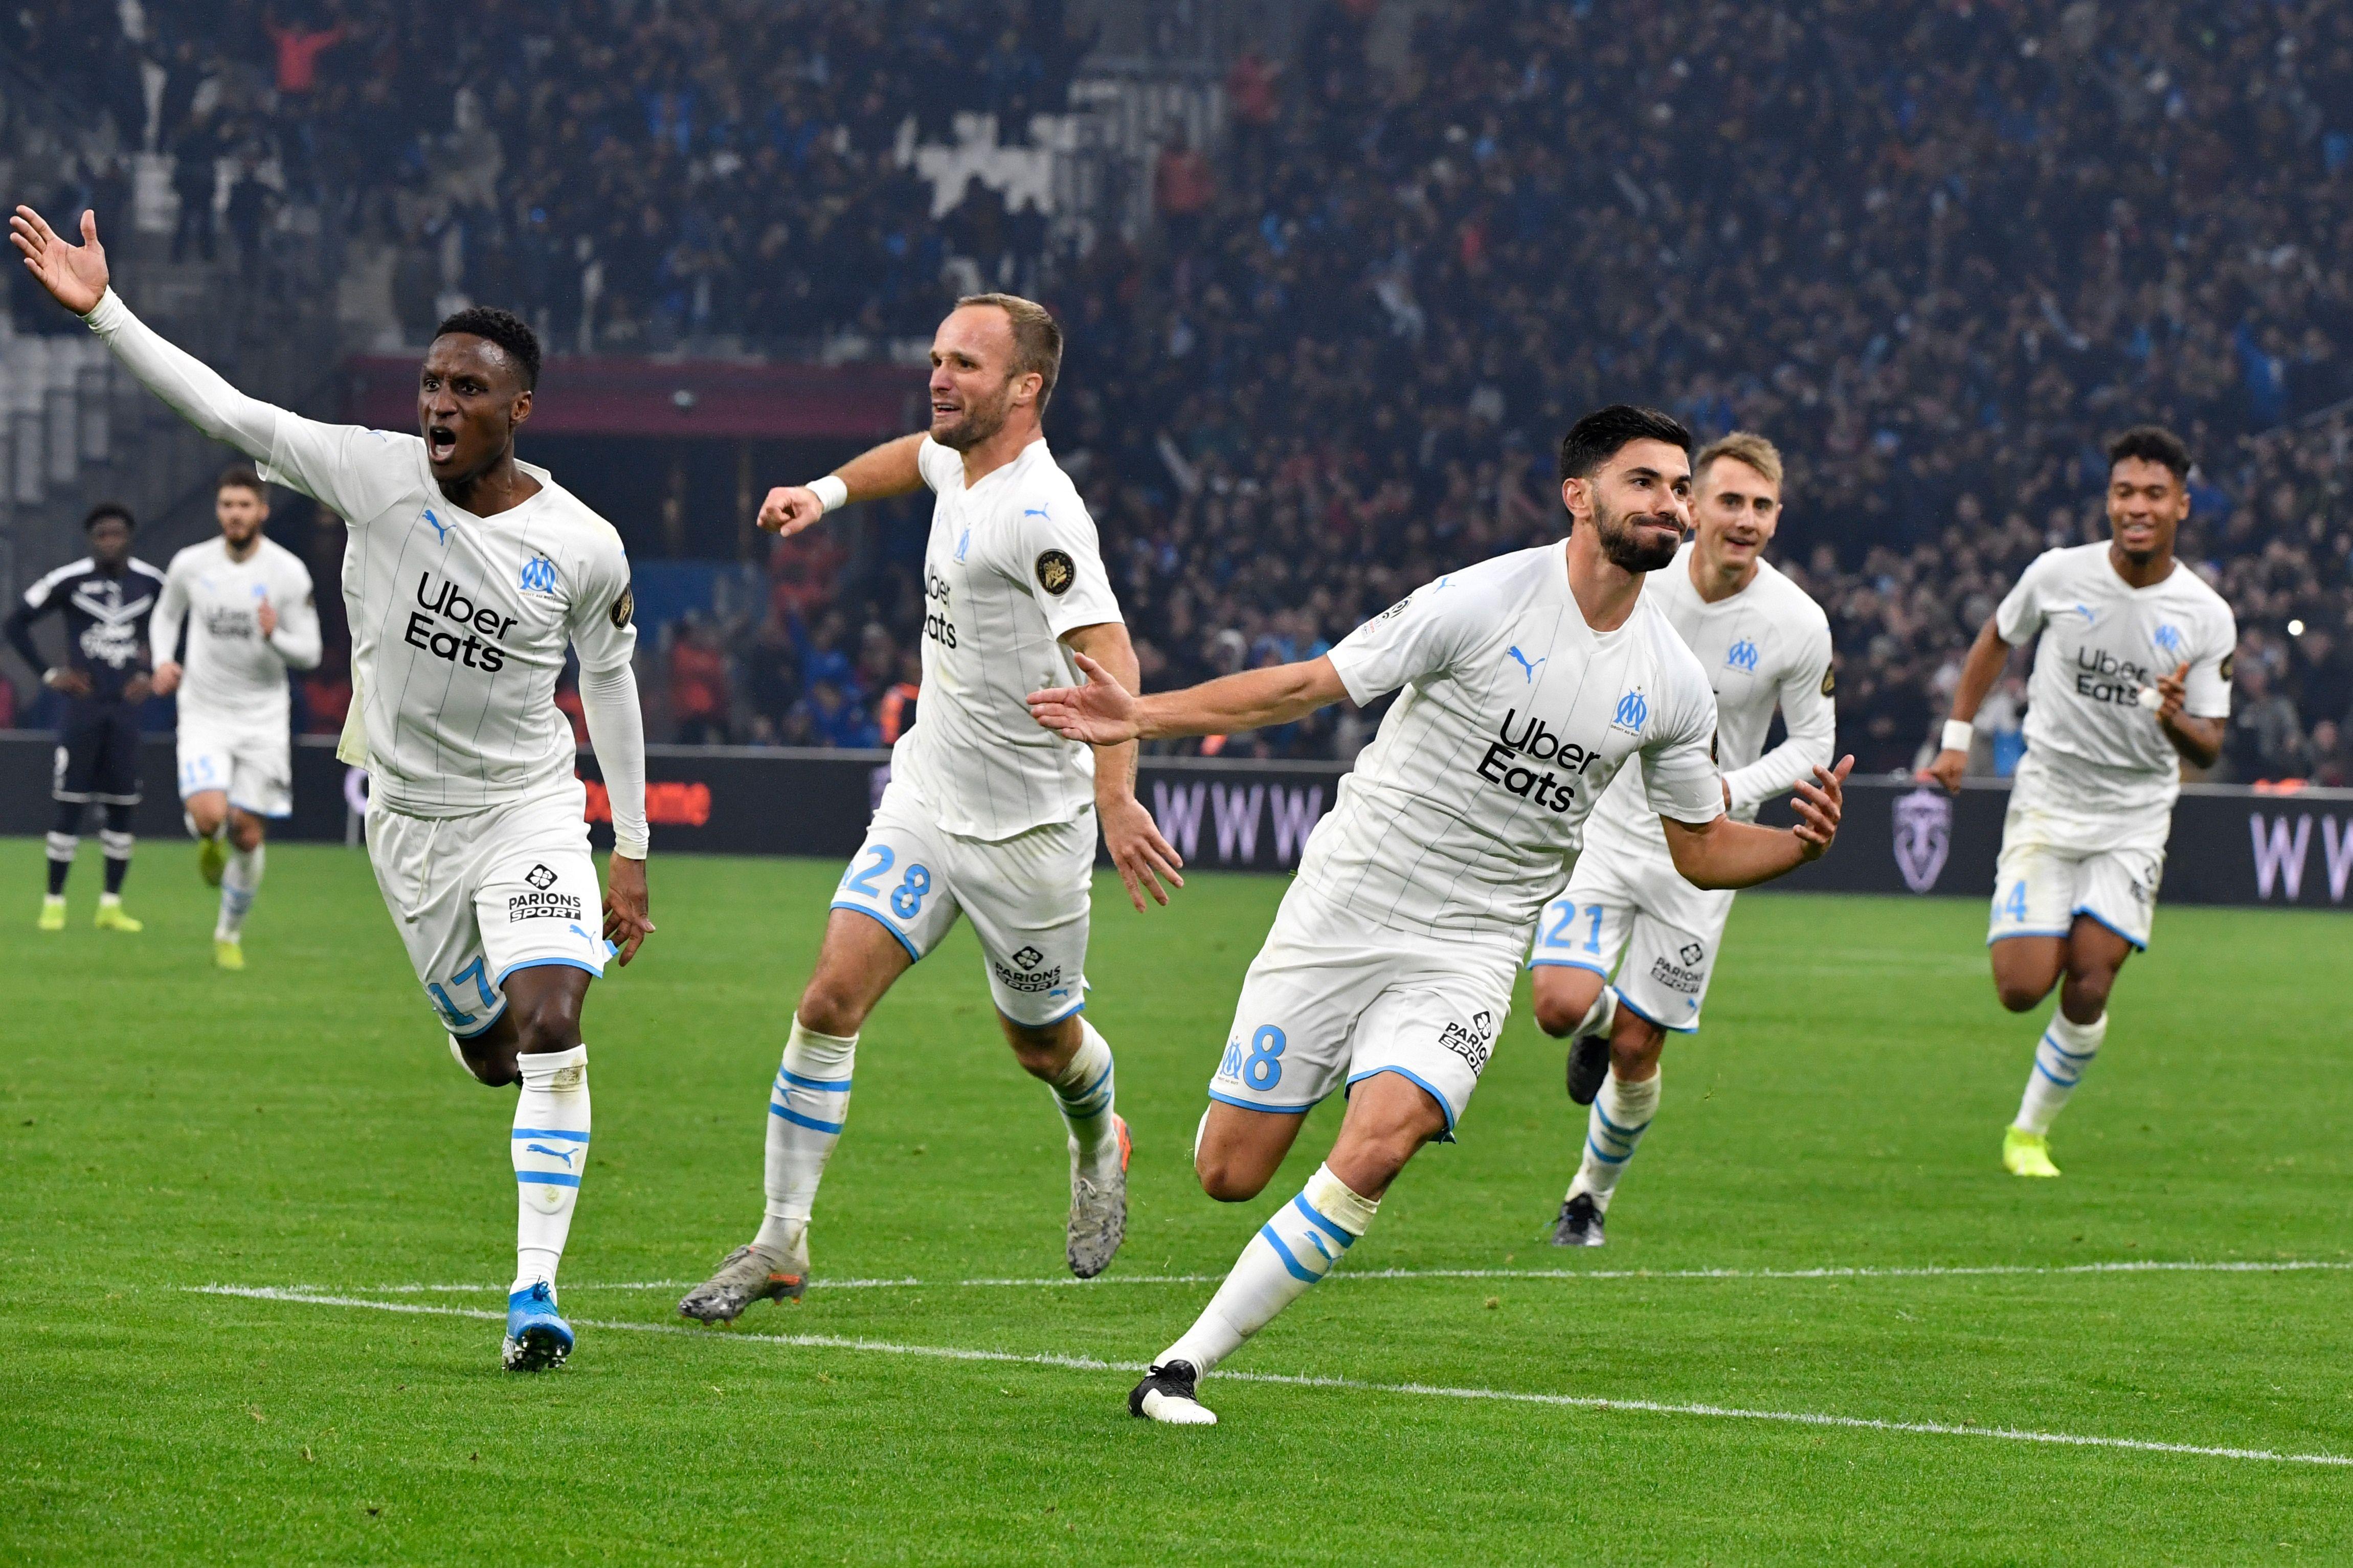 Sondage - Après Bordeaux, l'OM peut-il concurrencer le PSG pour le titre en Ligue 1 ?